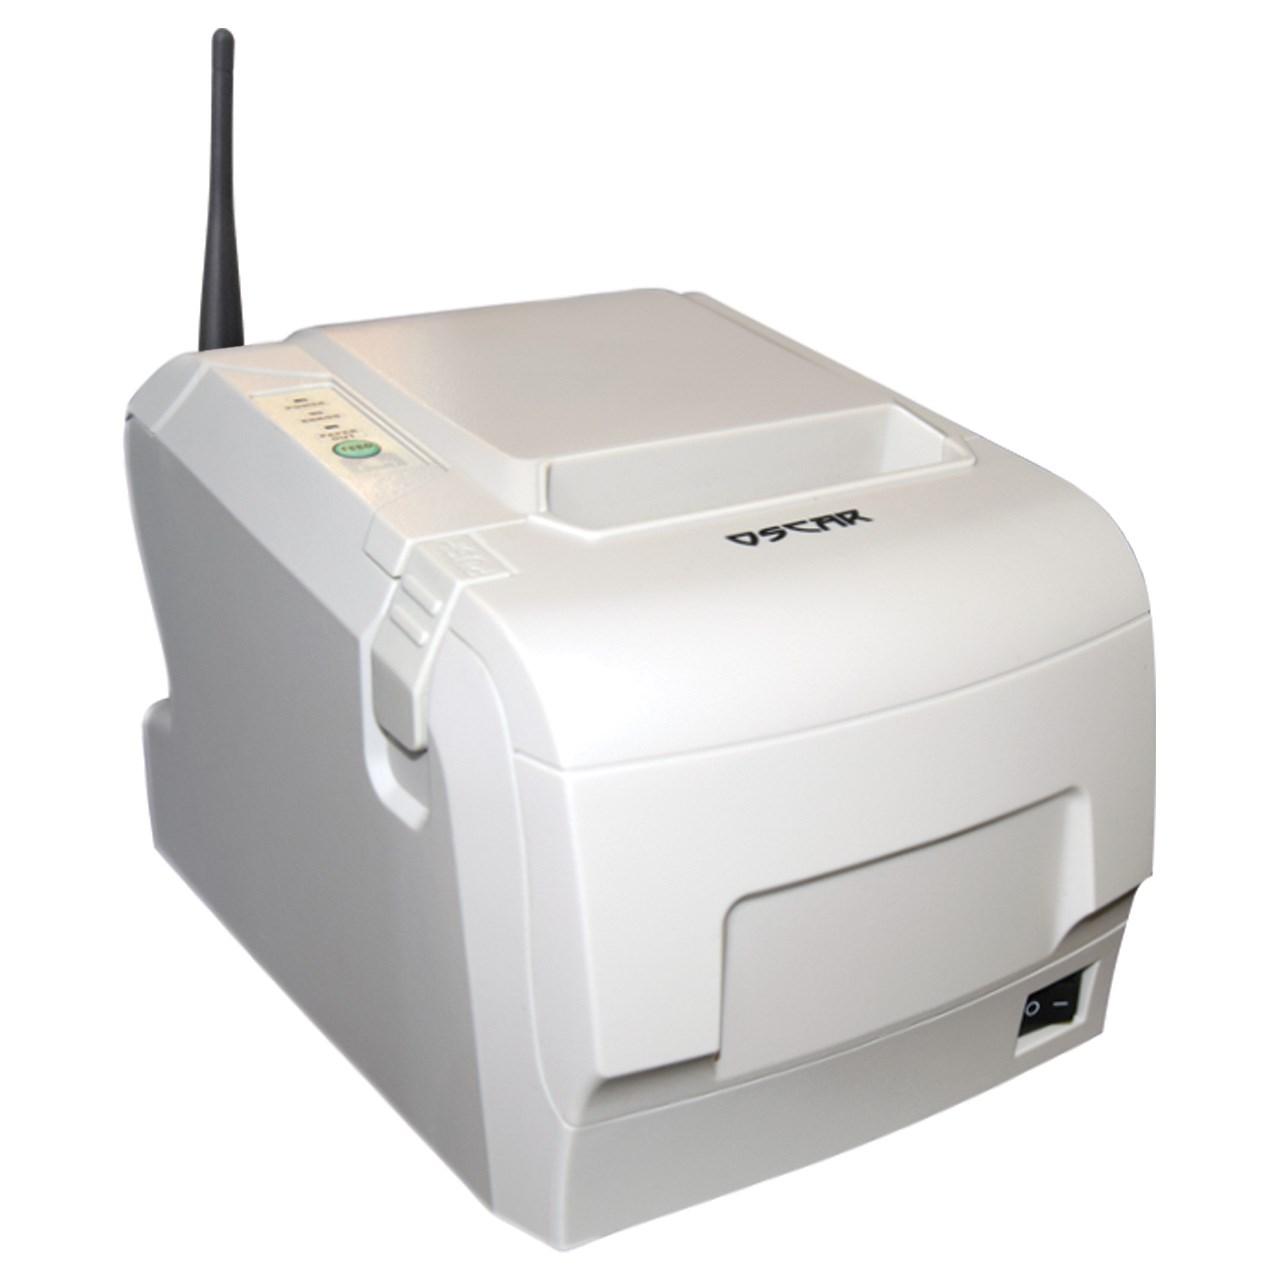 قیمت                      پرینتر حرارتی اسکار مدل POS88W